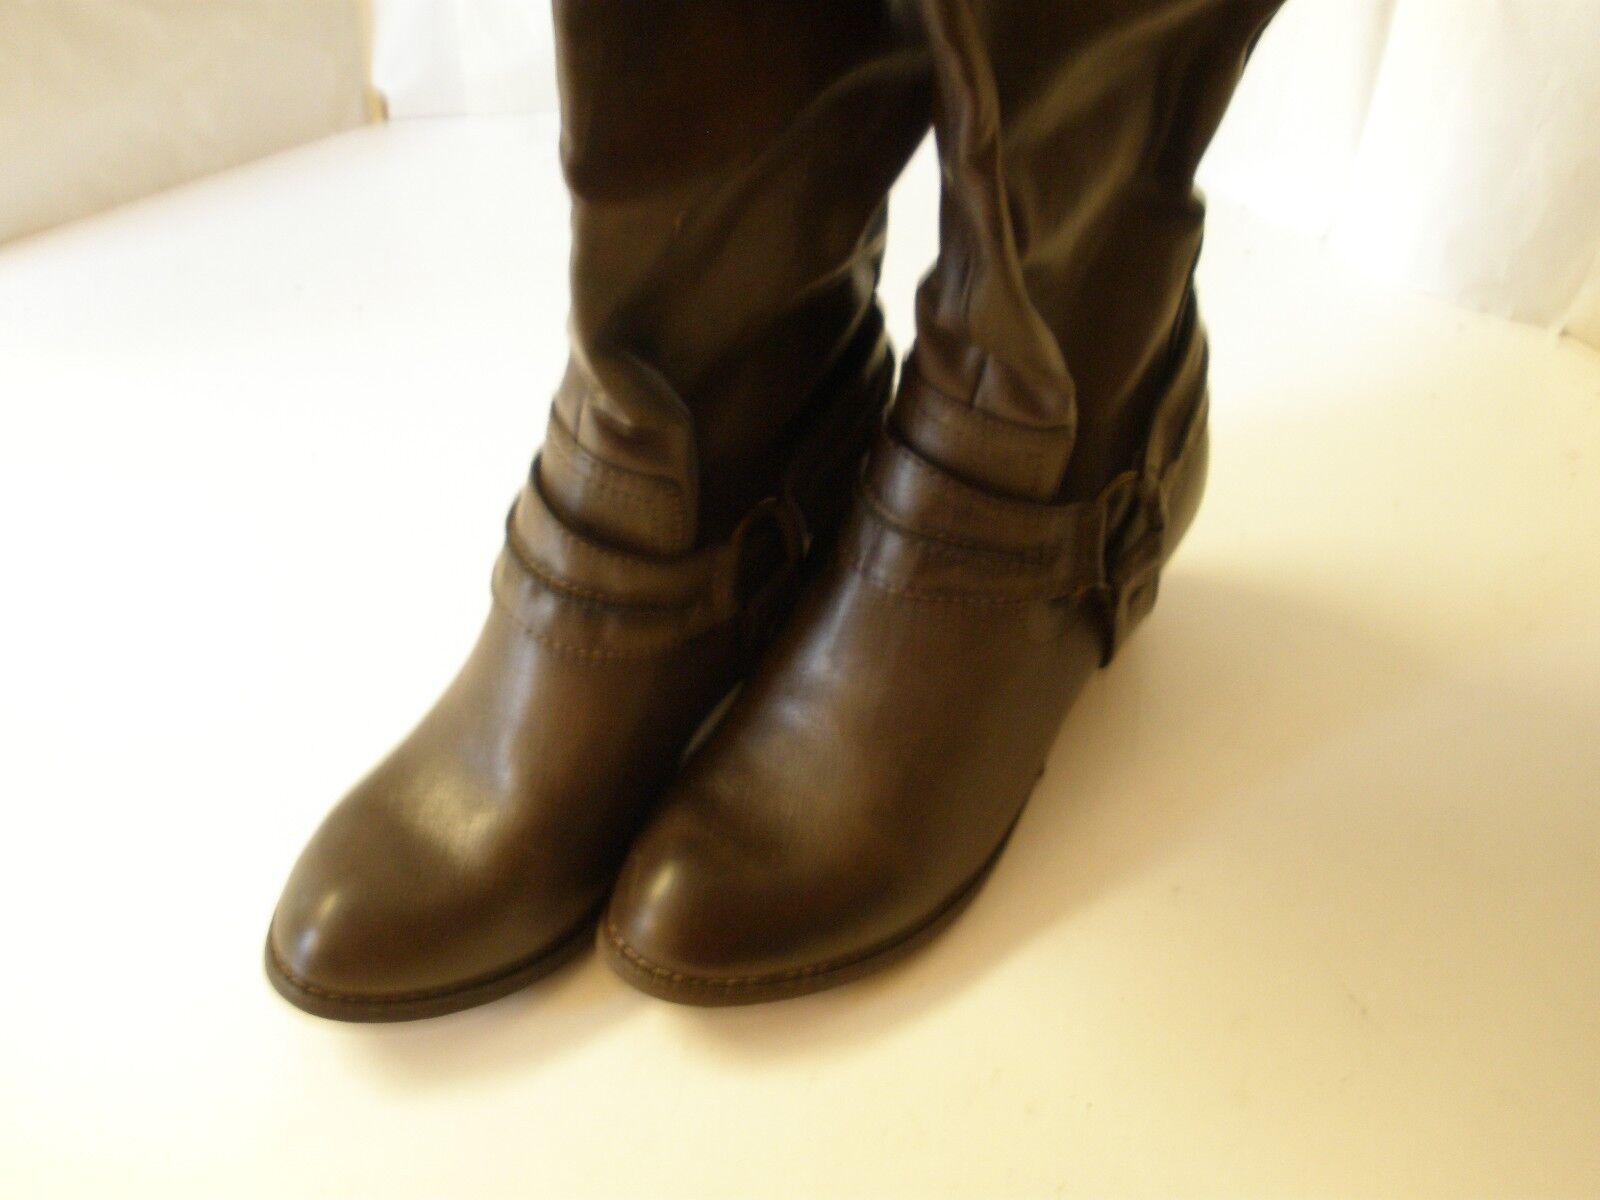 Rebels Palomino Brown 9  8 M New Boot Knee High